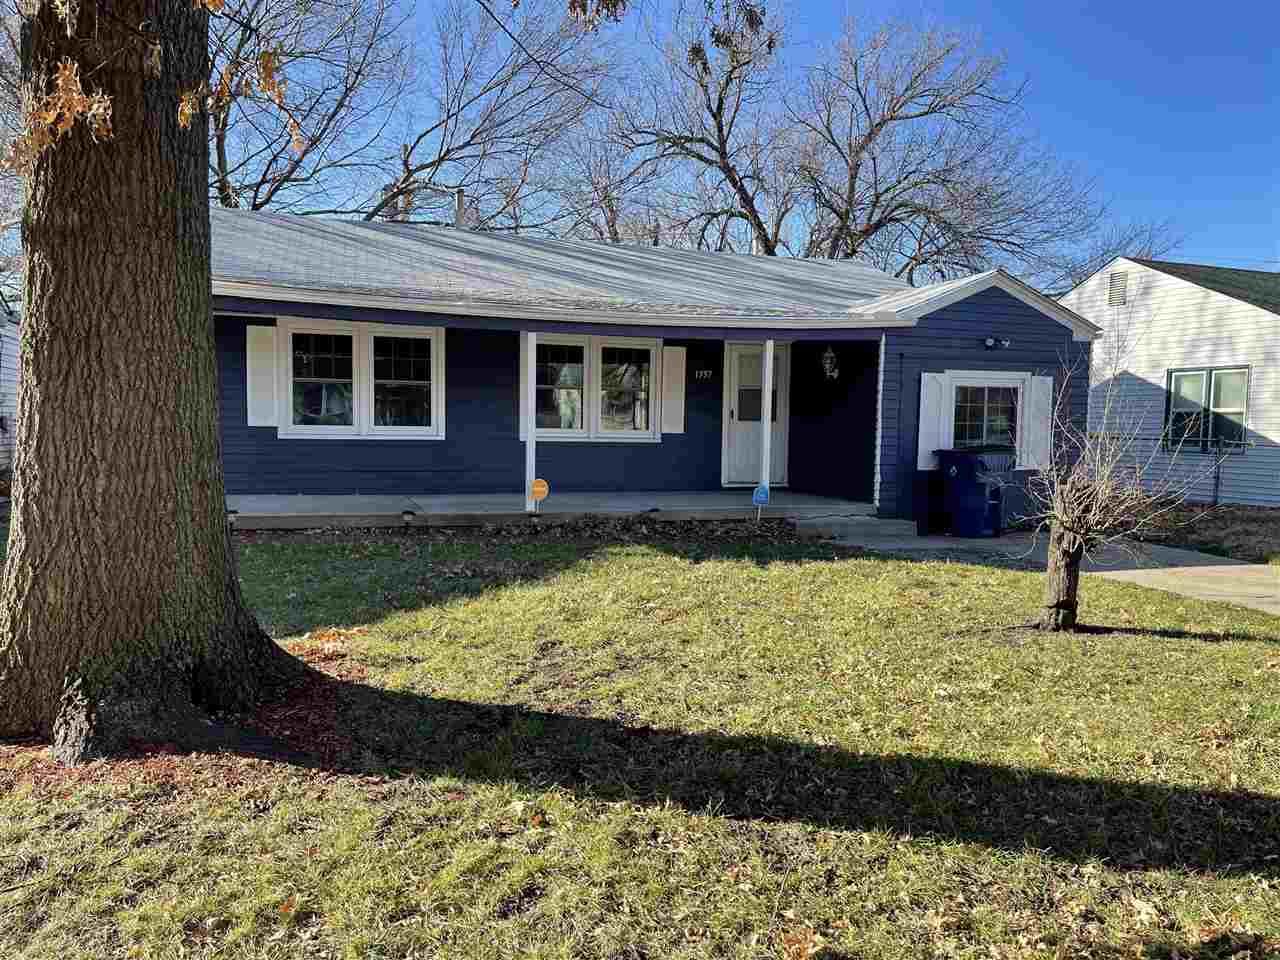 1557 N Pinecrest St, Wichita, KS, 67208